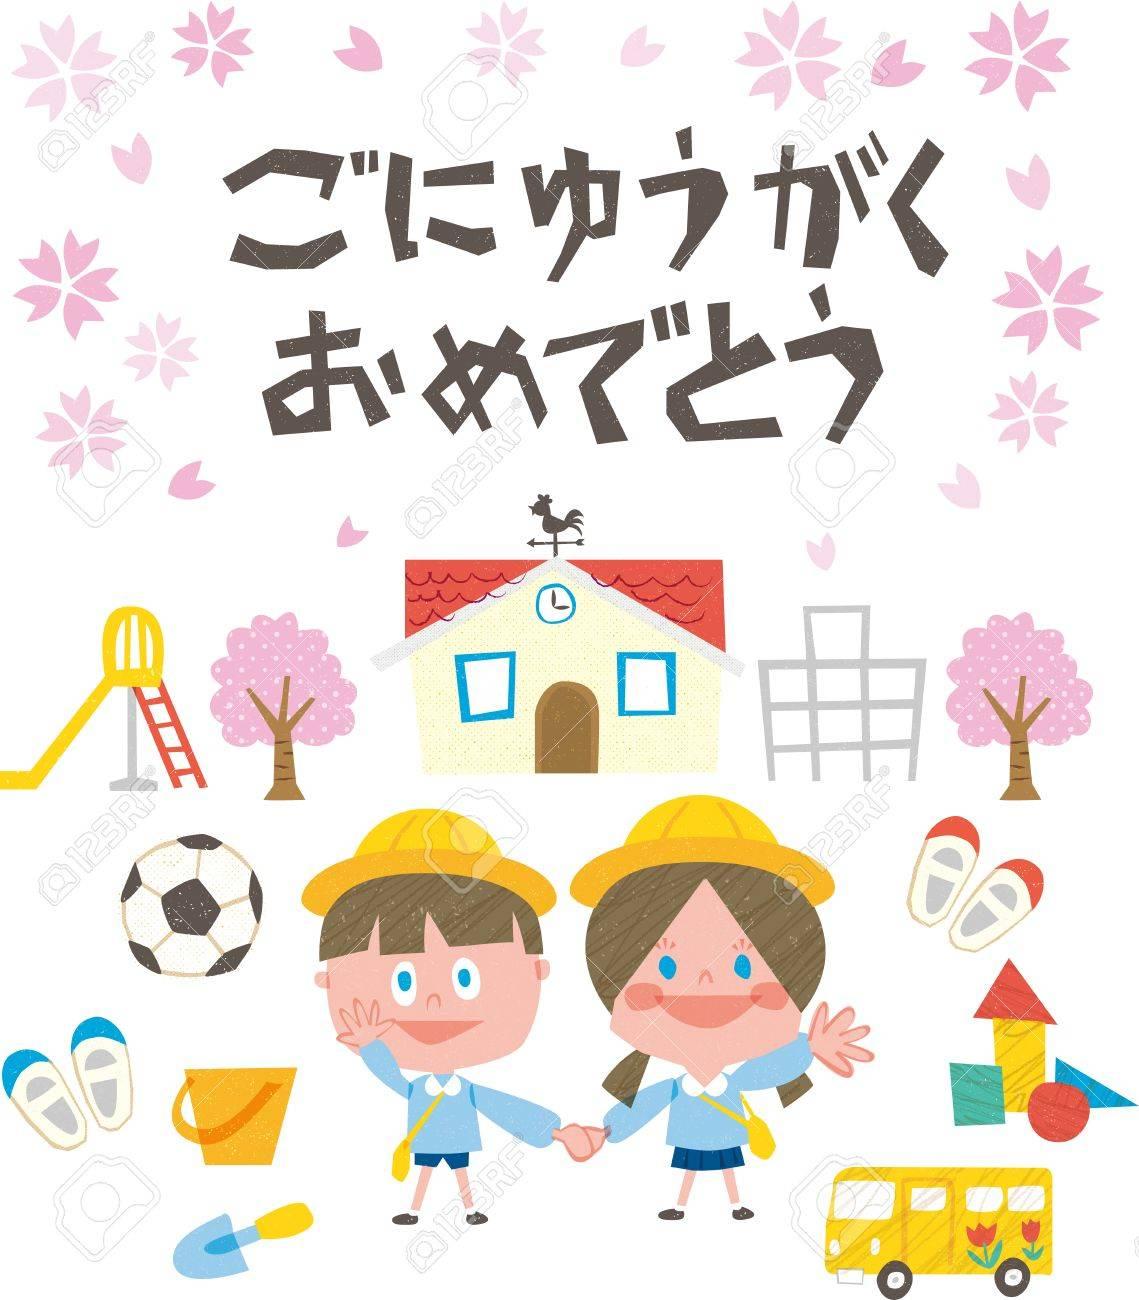 幼稚園のイラスト セット新学期と日本語で書かれています の写真